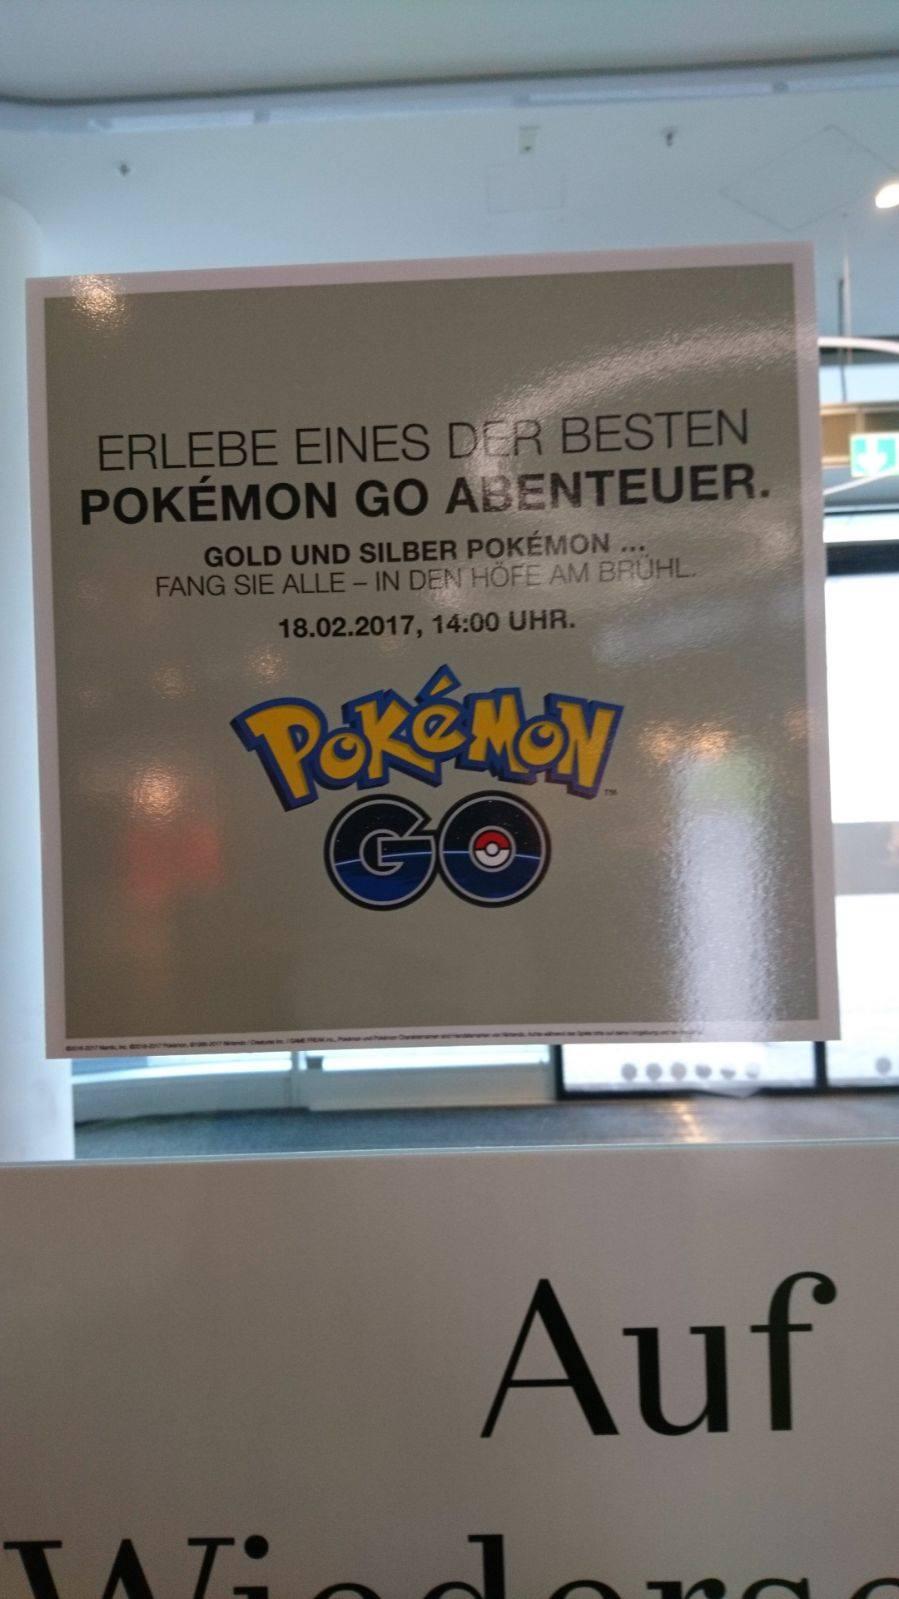 pokemon go  2ª geração de Pokémon pode chegar no dia 18 de fevereiro 16732047 1223242787758927 1483719959 o